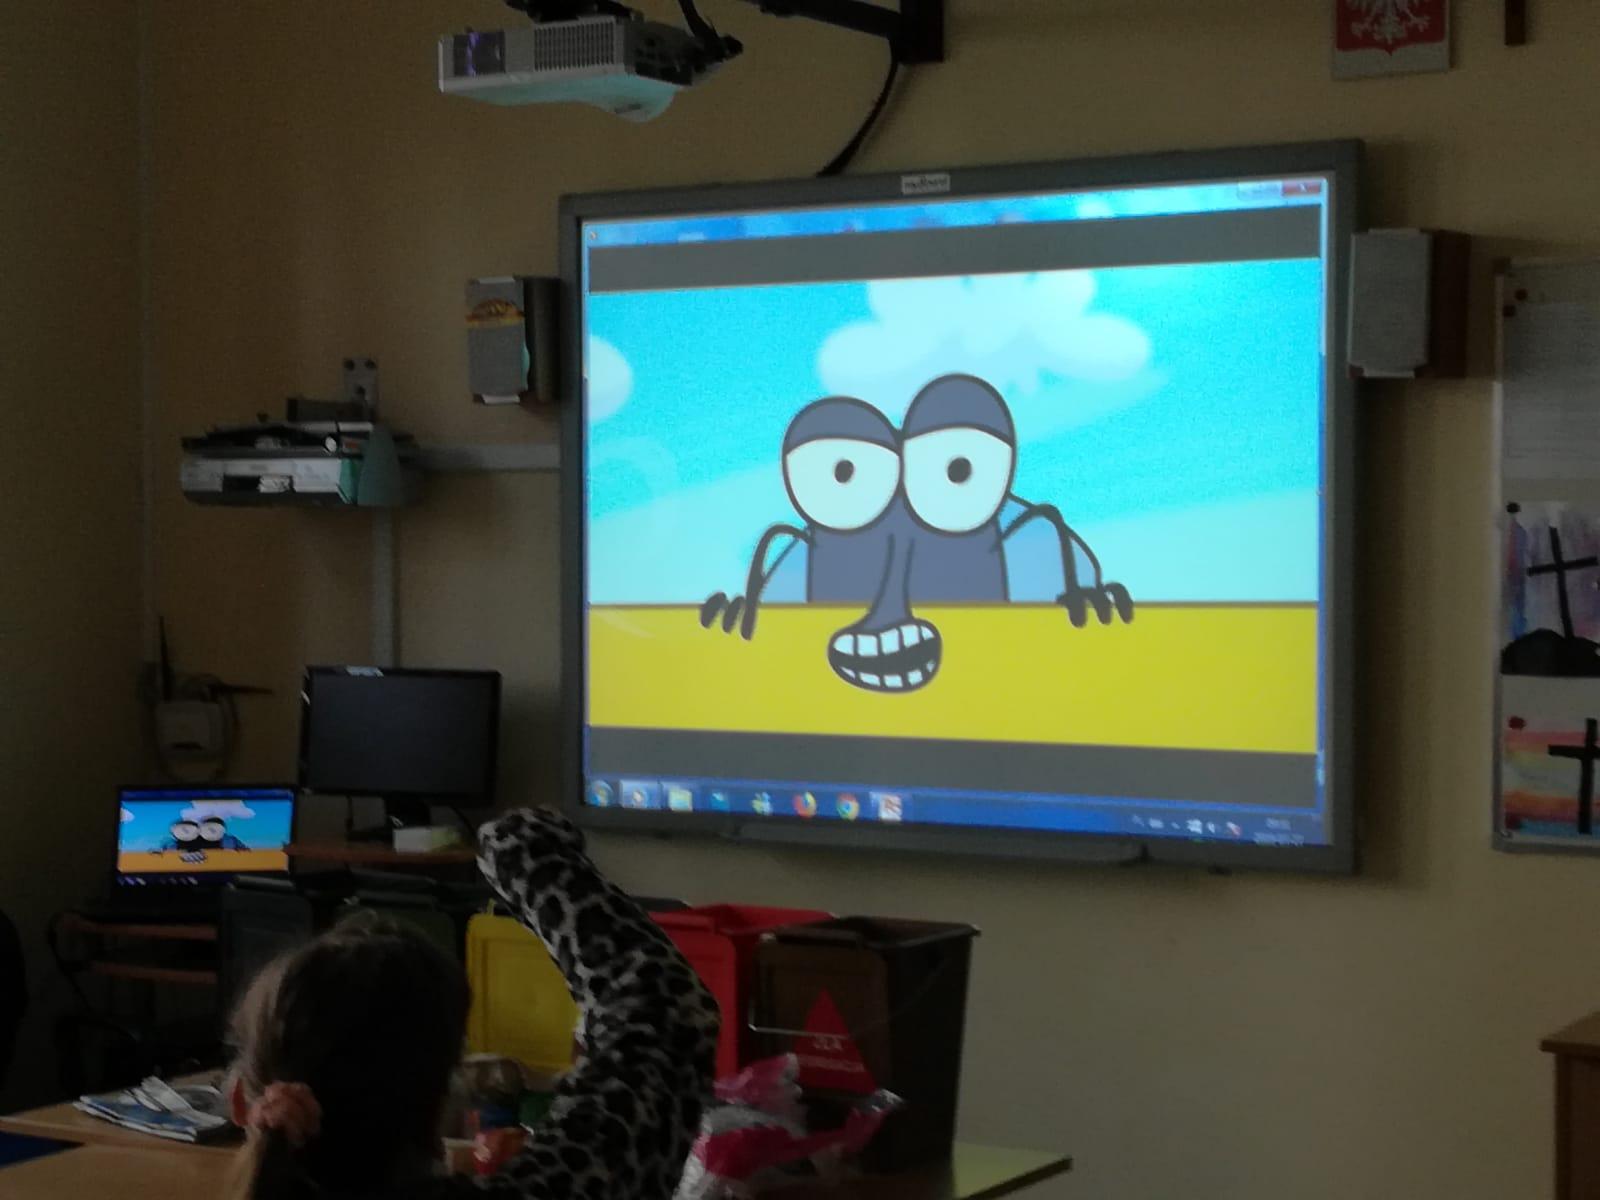 prelekcje edukacyjne w szkole podstawowej - pokaz filmu